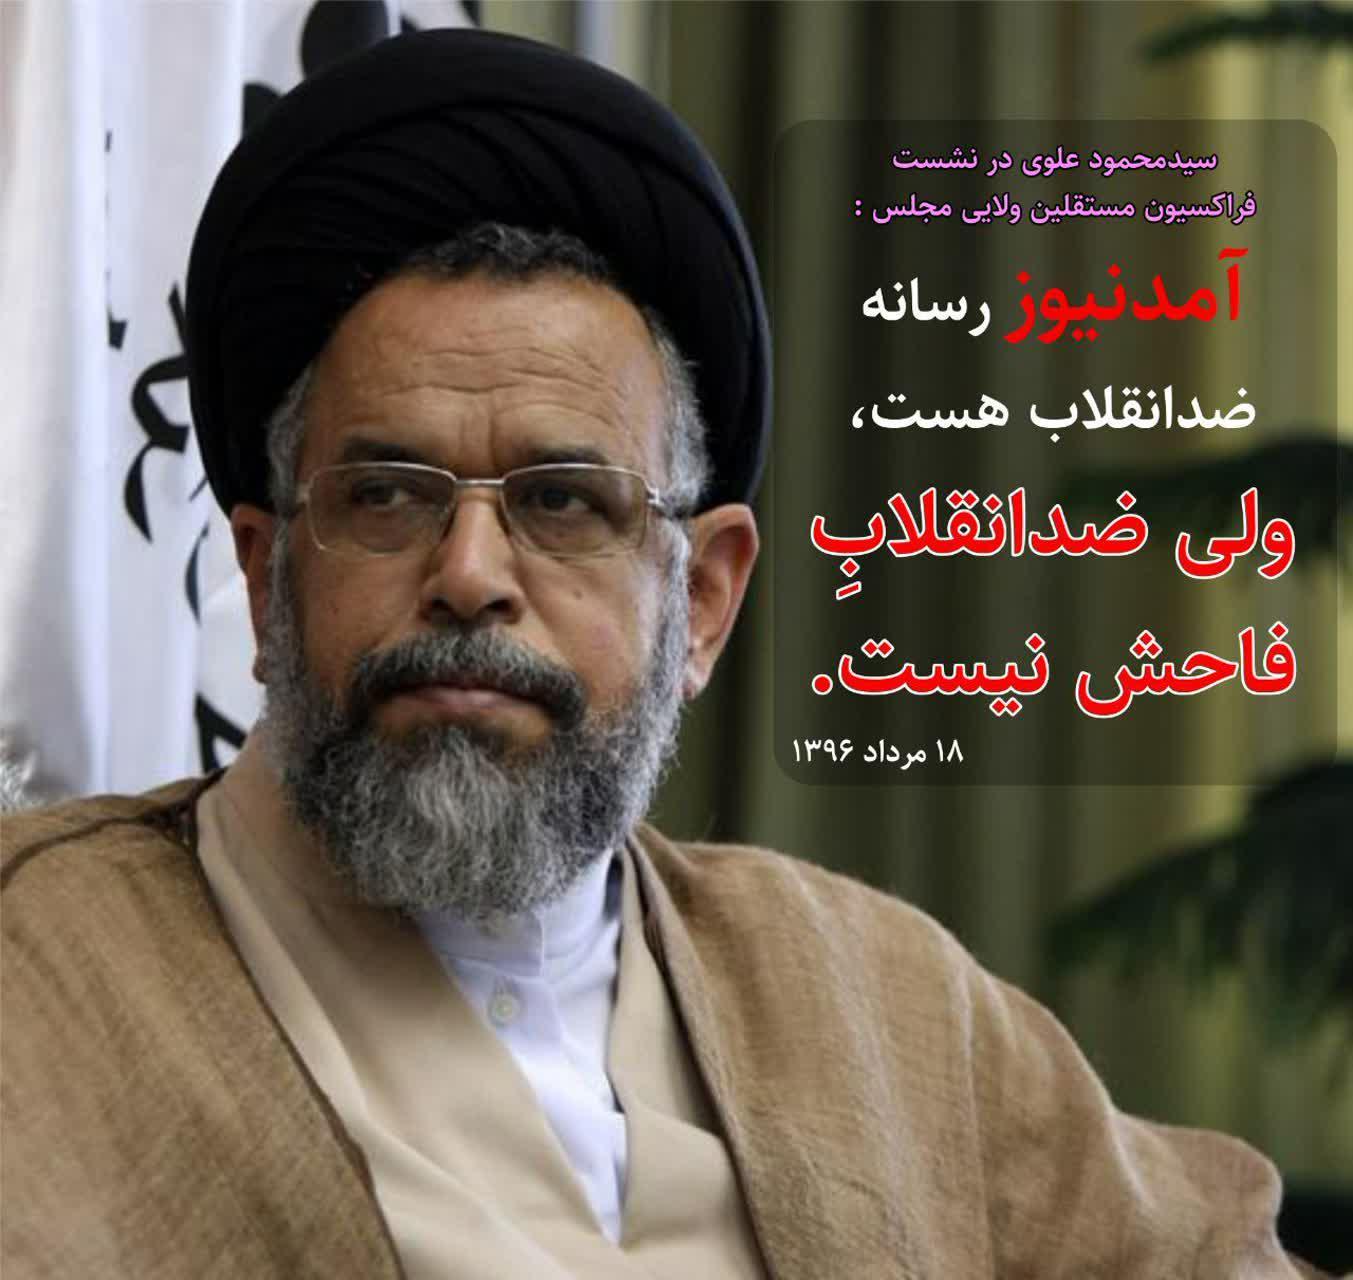 amadnews%20%284%29 شکایت وزیر اطلاعات از حسن عباسی به بهانه بیان ارتباط و رابطه آمدنیوز و همچنين وزیر اطلاعات + اسناد